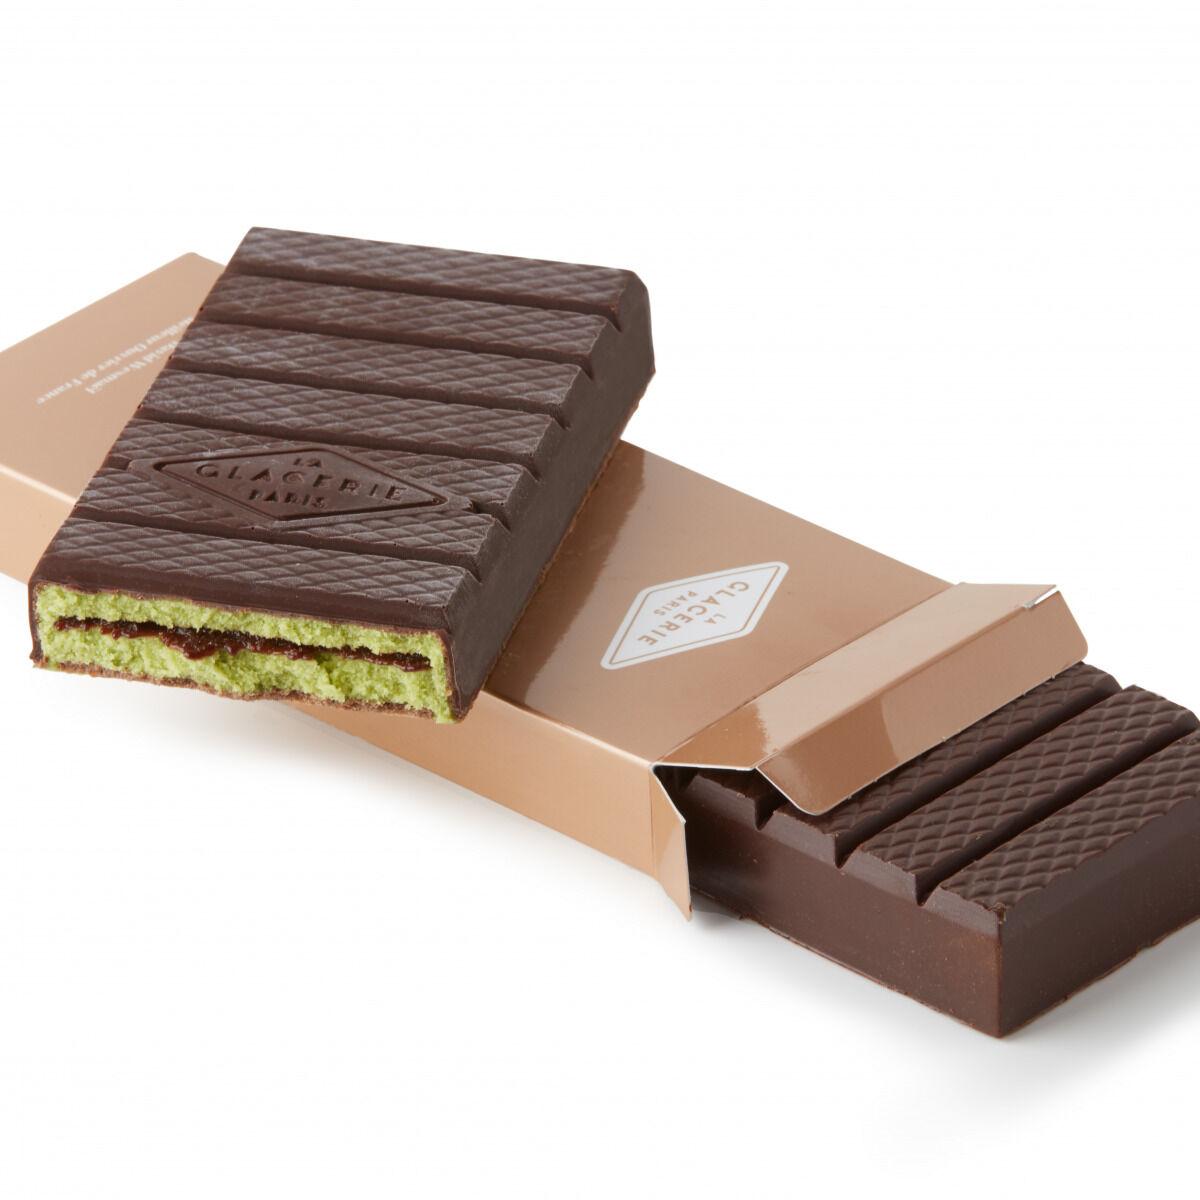 La Glacerie par David Wesmaël - Meilleur Ouvrier de France Glacier Tablette Glacée Chocolat Noir, Matcha & Muroise